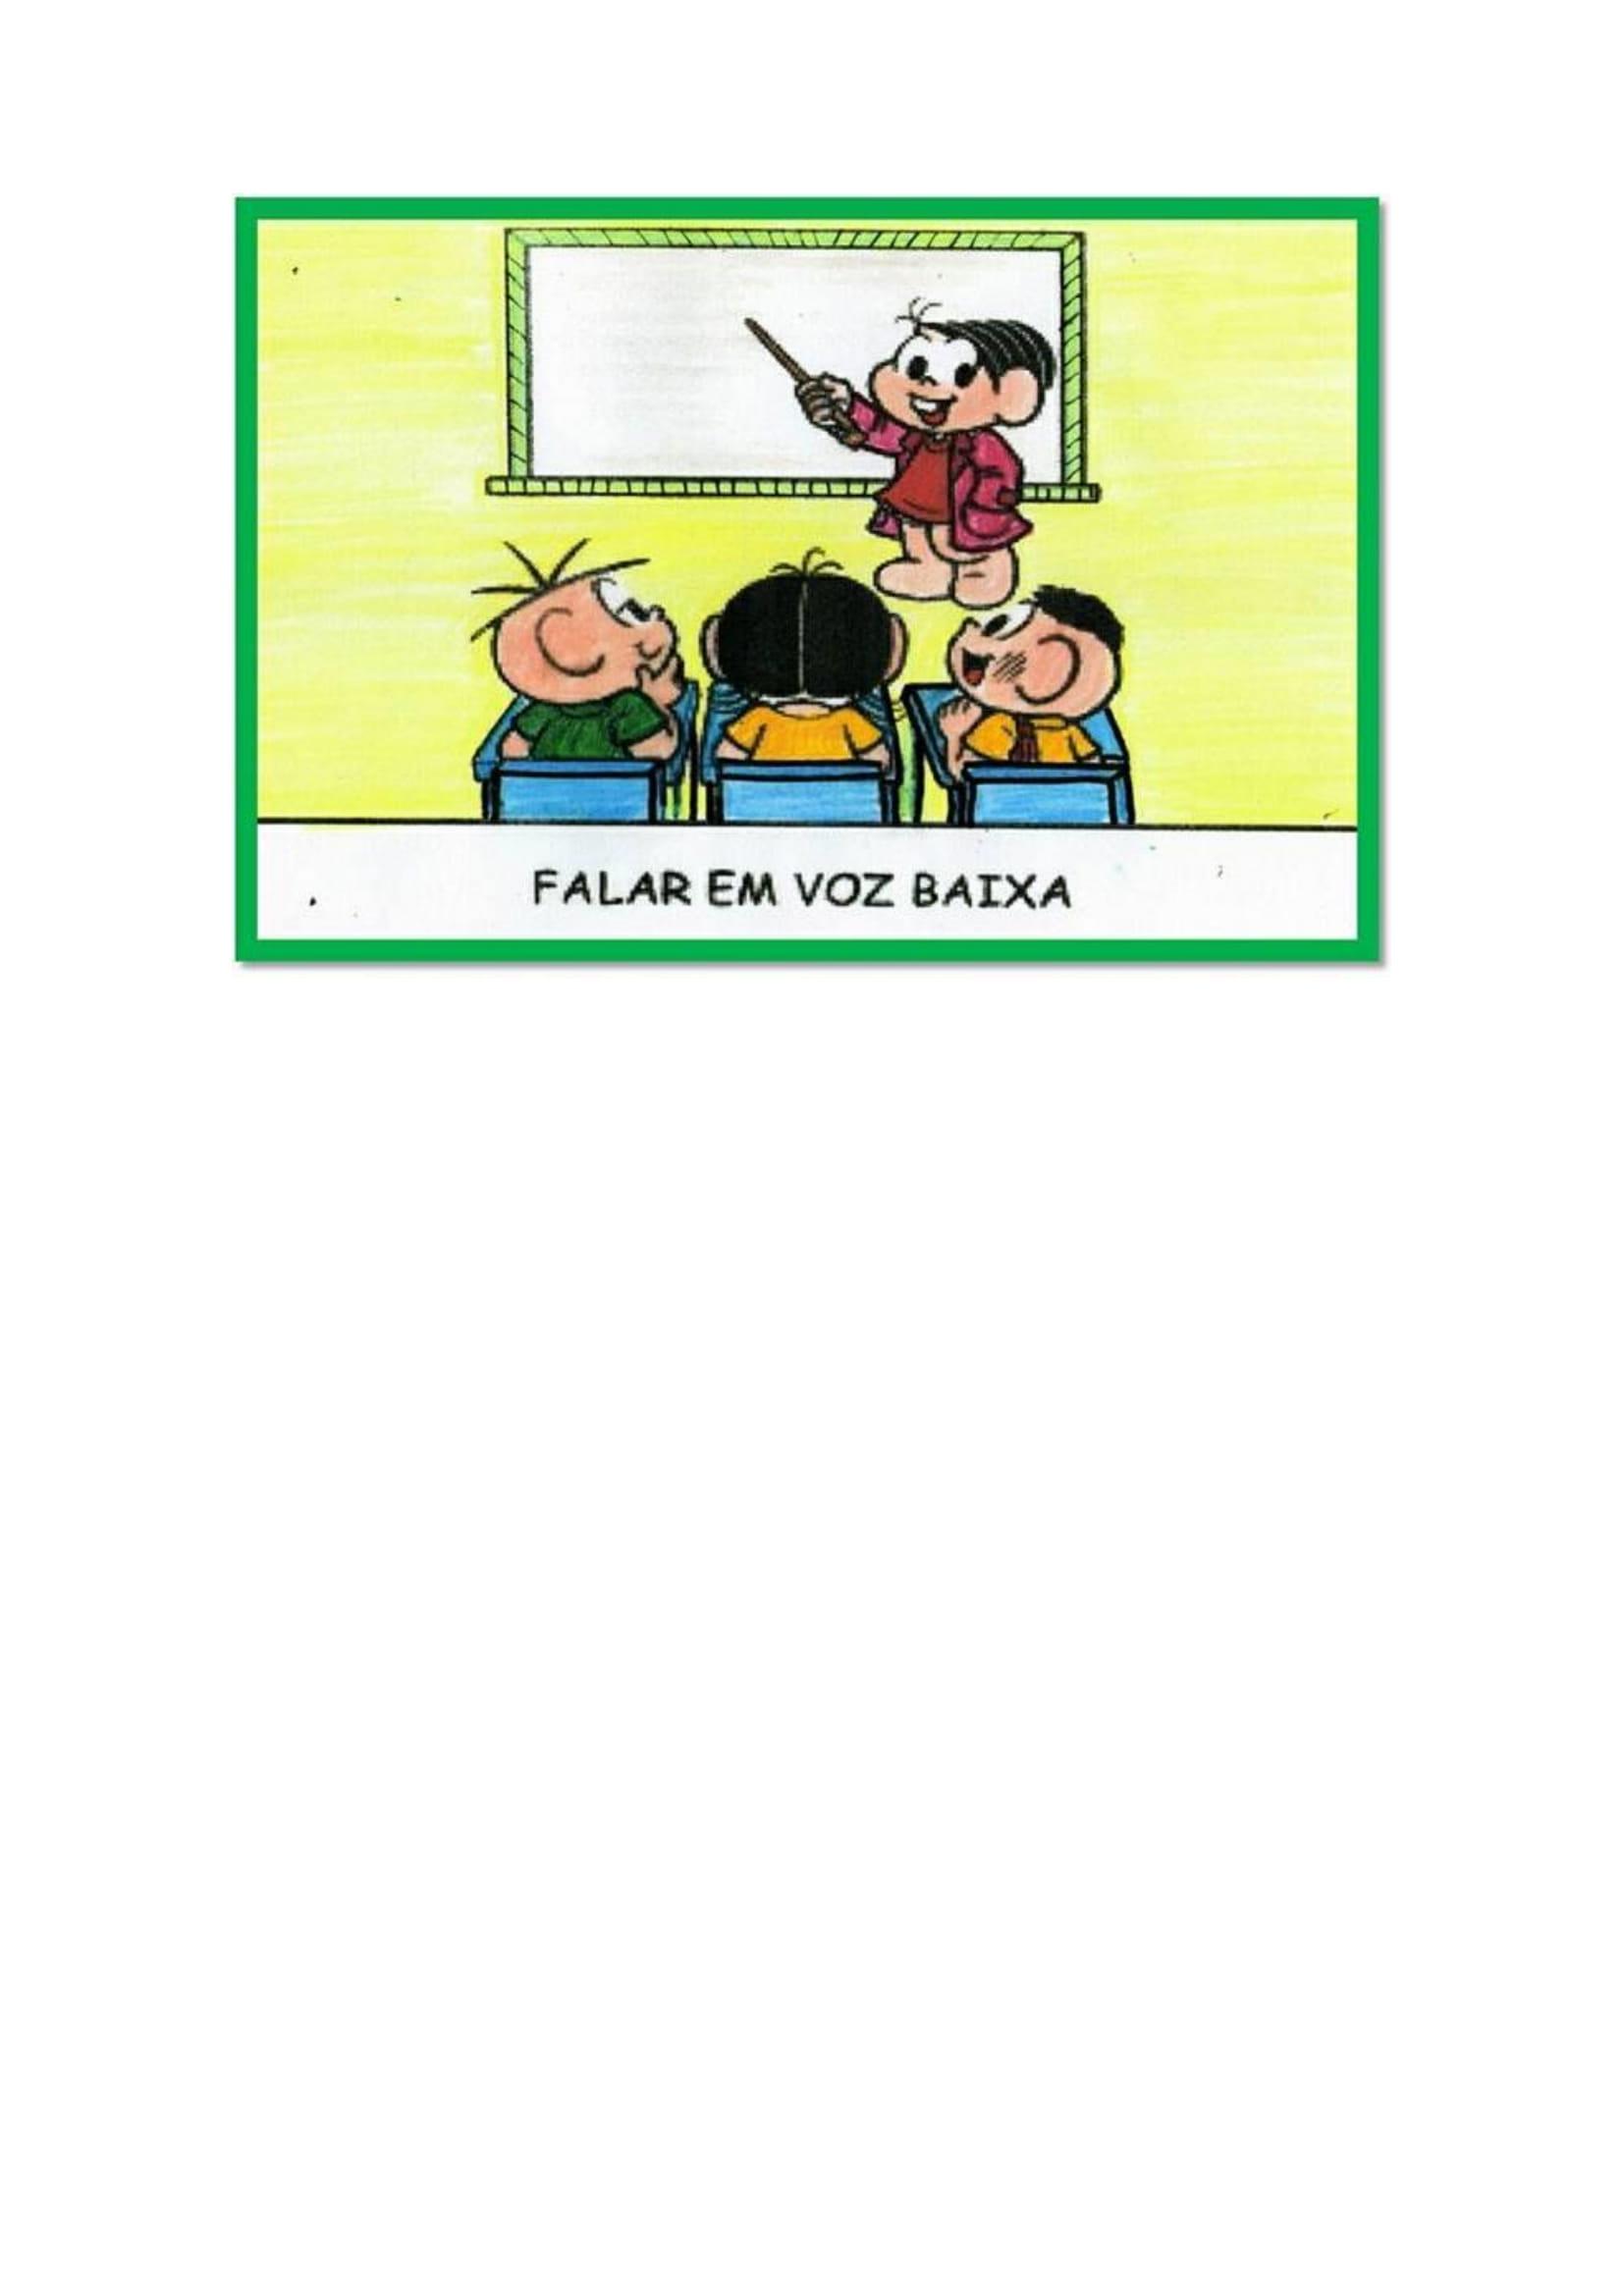 Regrinhas-e-Combinados-da-Turma-da-Mônica-em-PDF-4